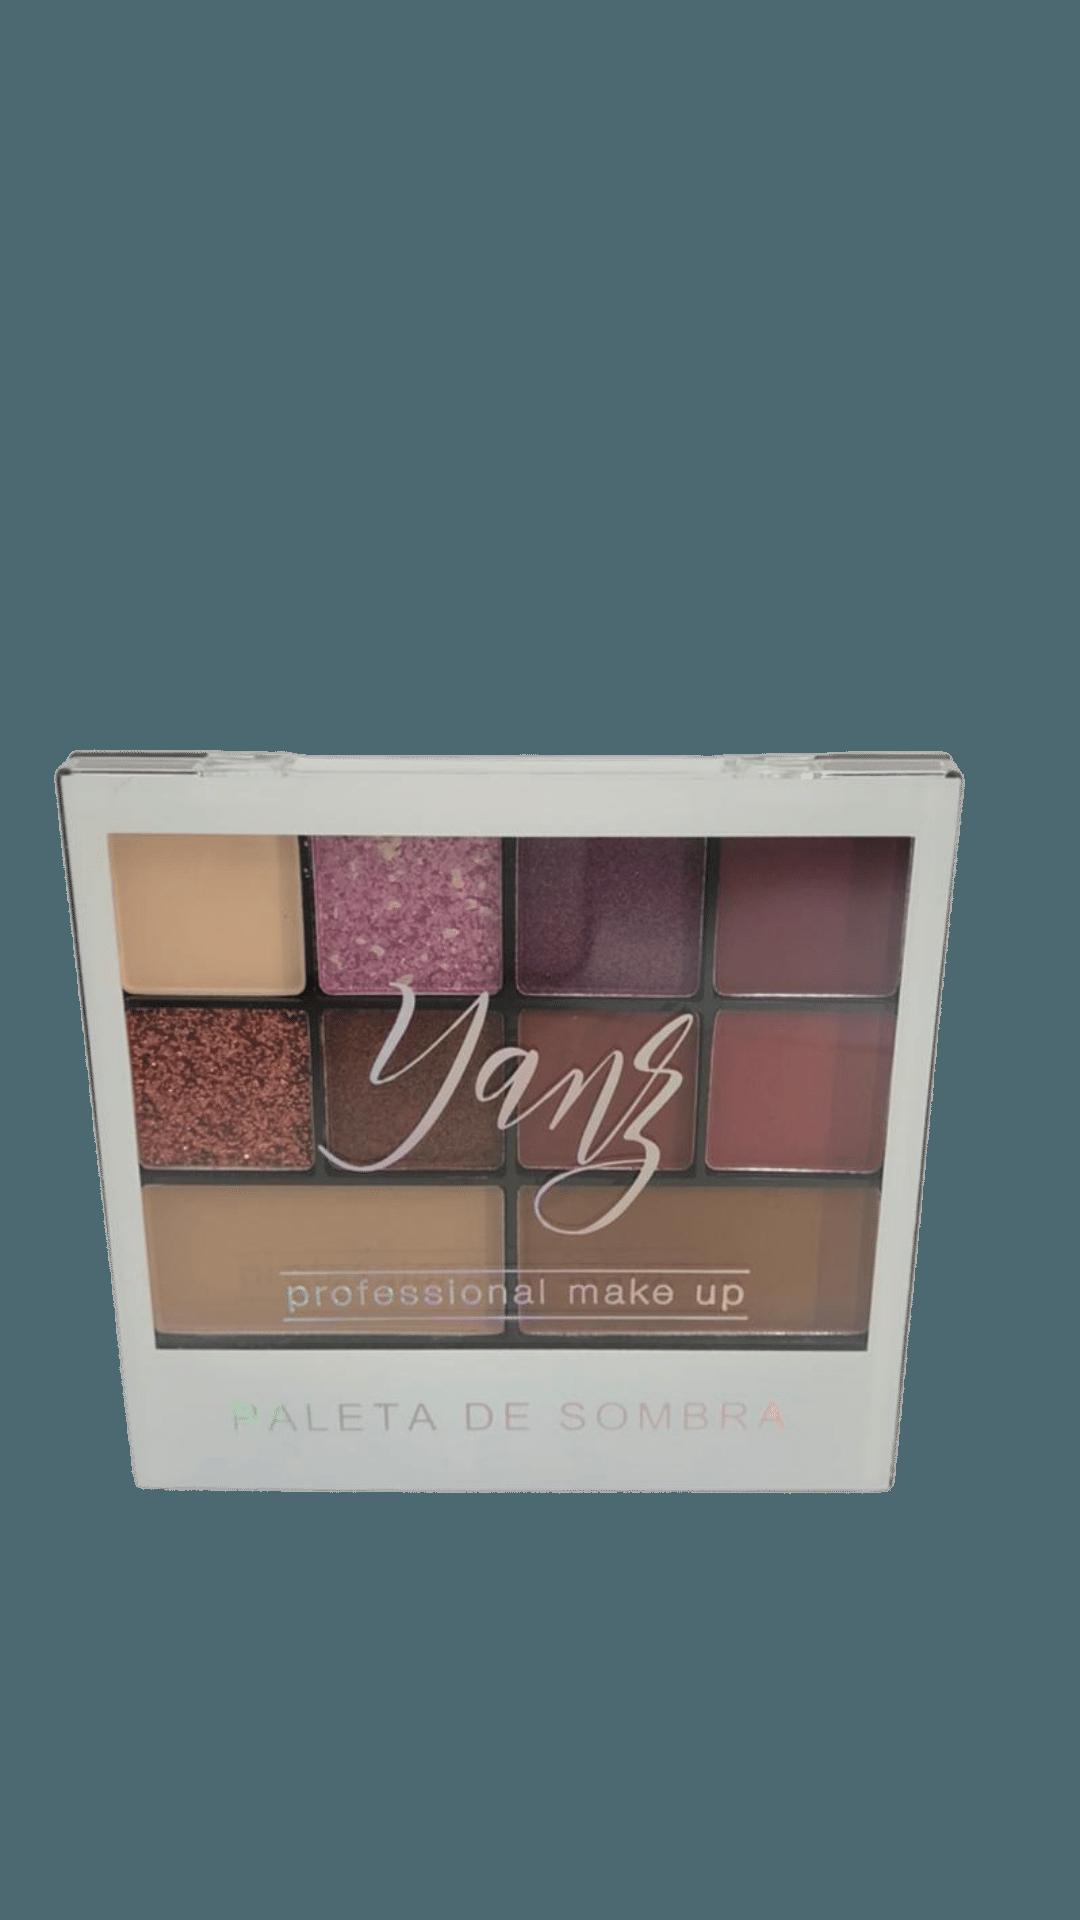 Paleta De Sombras 10 Cores - Yanz Cor 1 (Y6608)